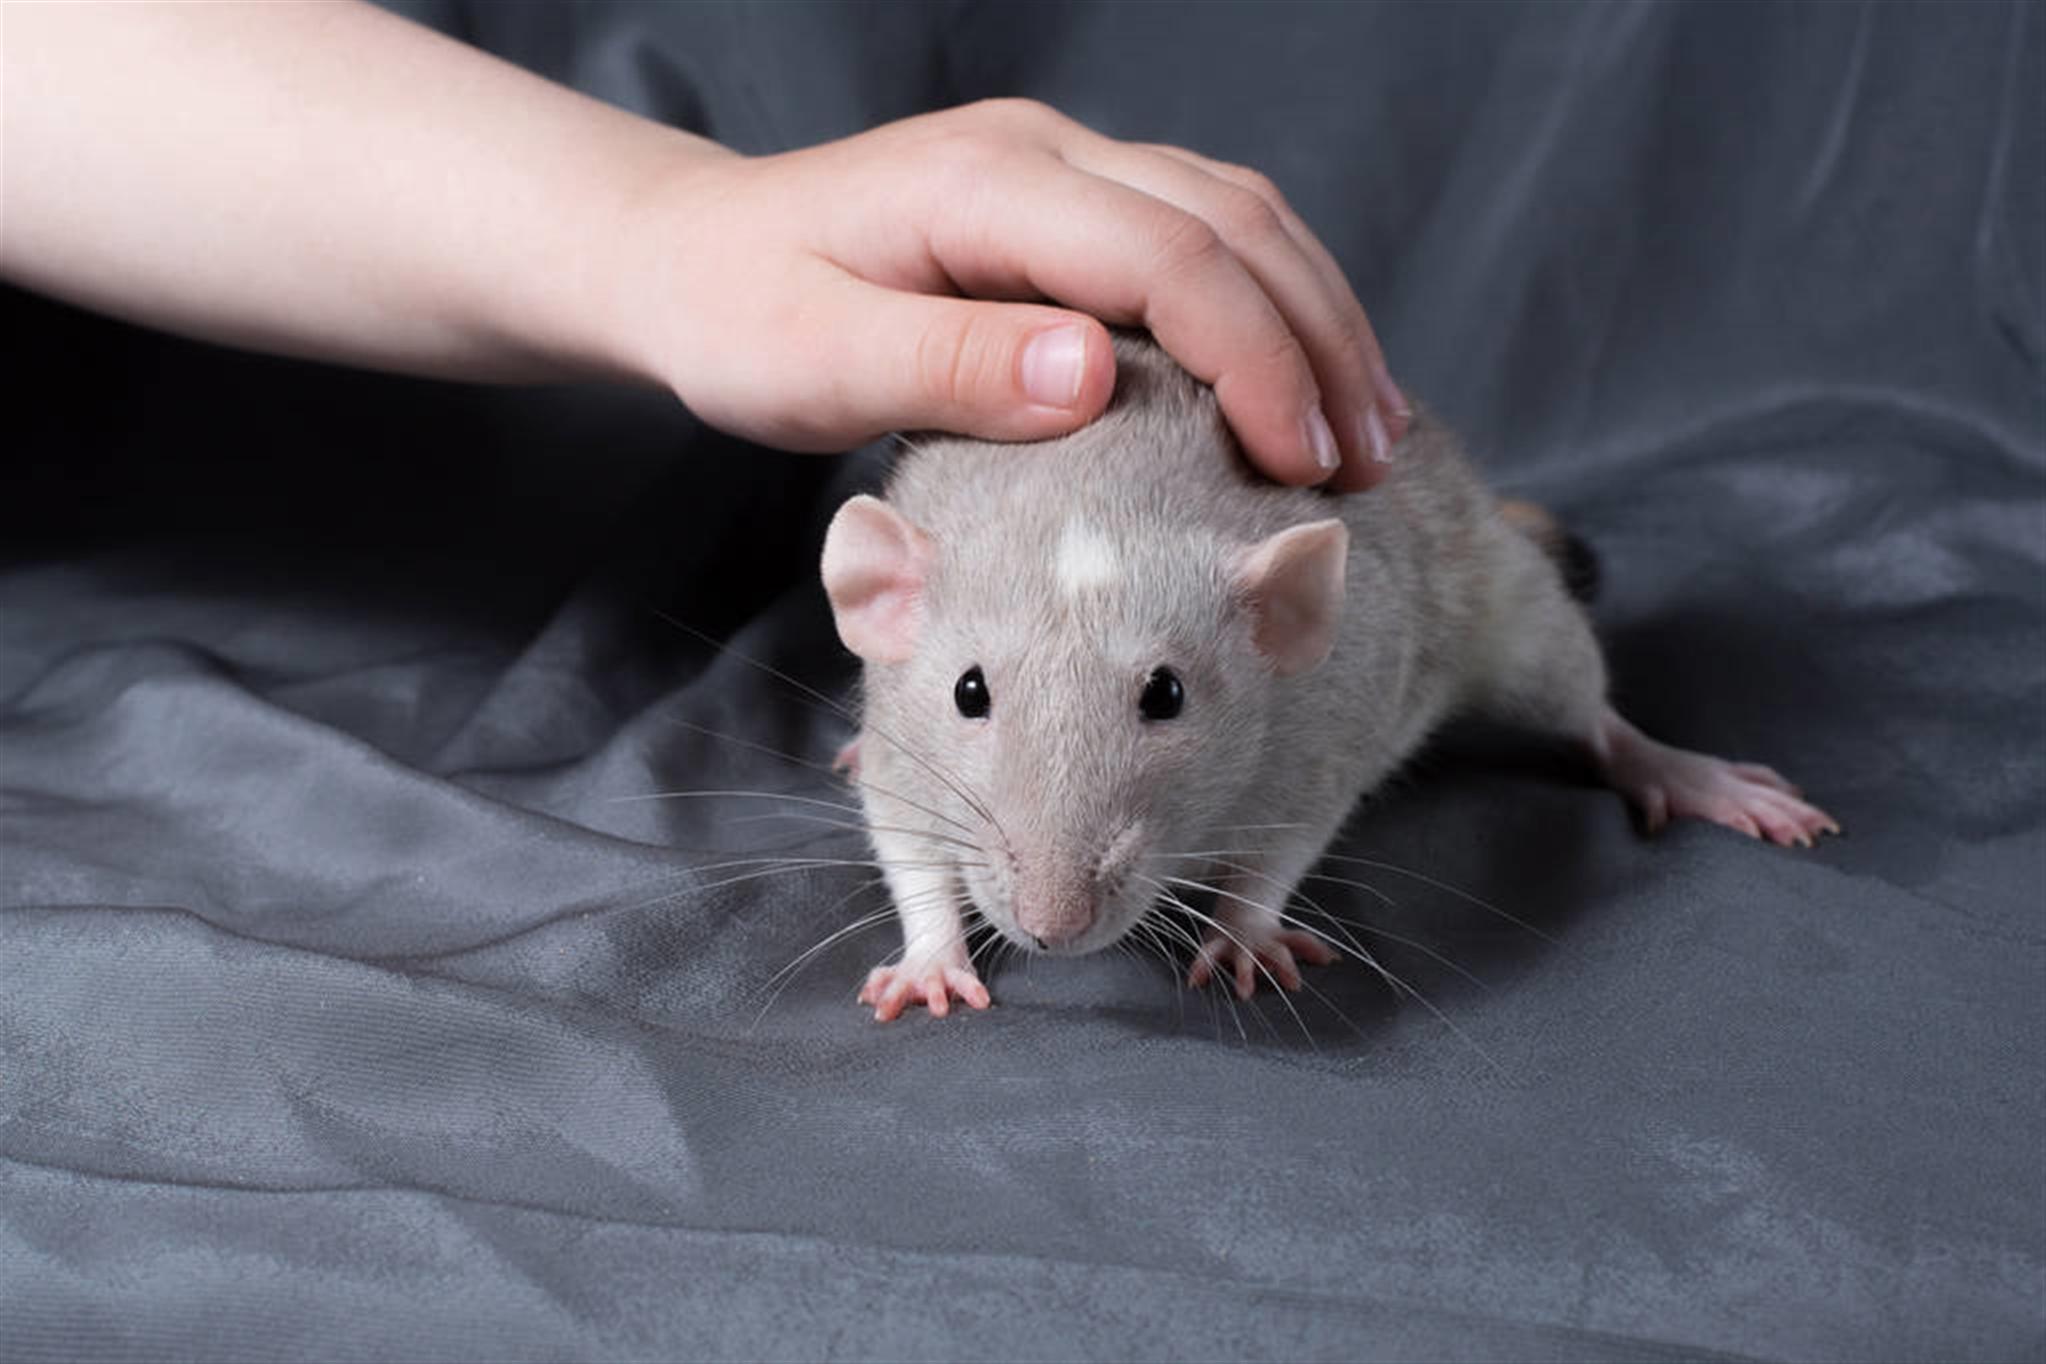 属鼠一月到十二月命运 属鼠人的出生月份解析